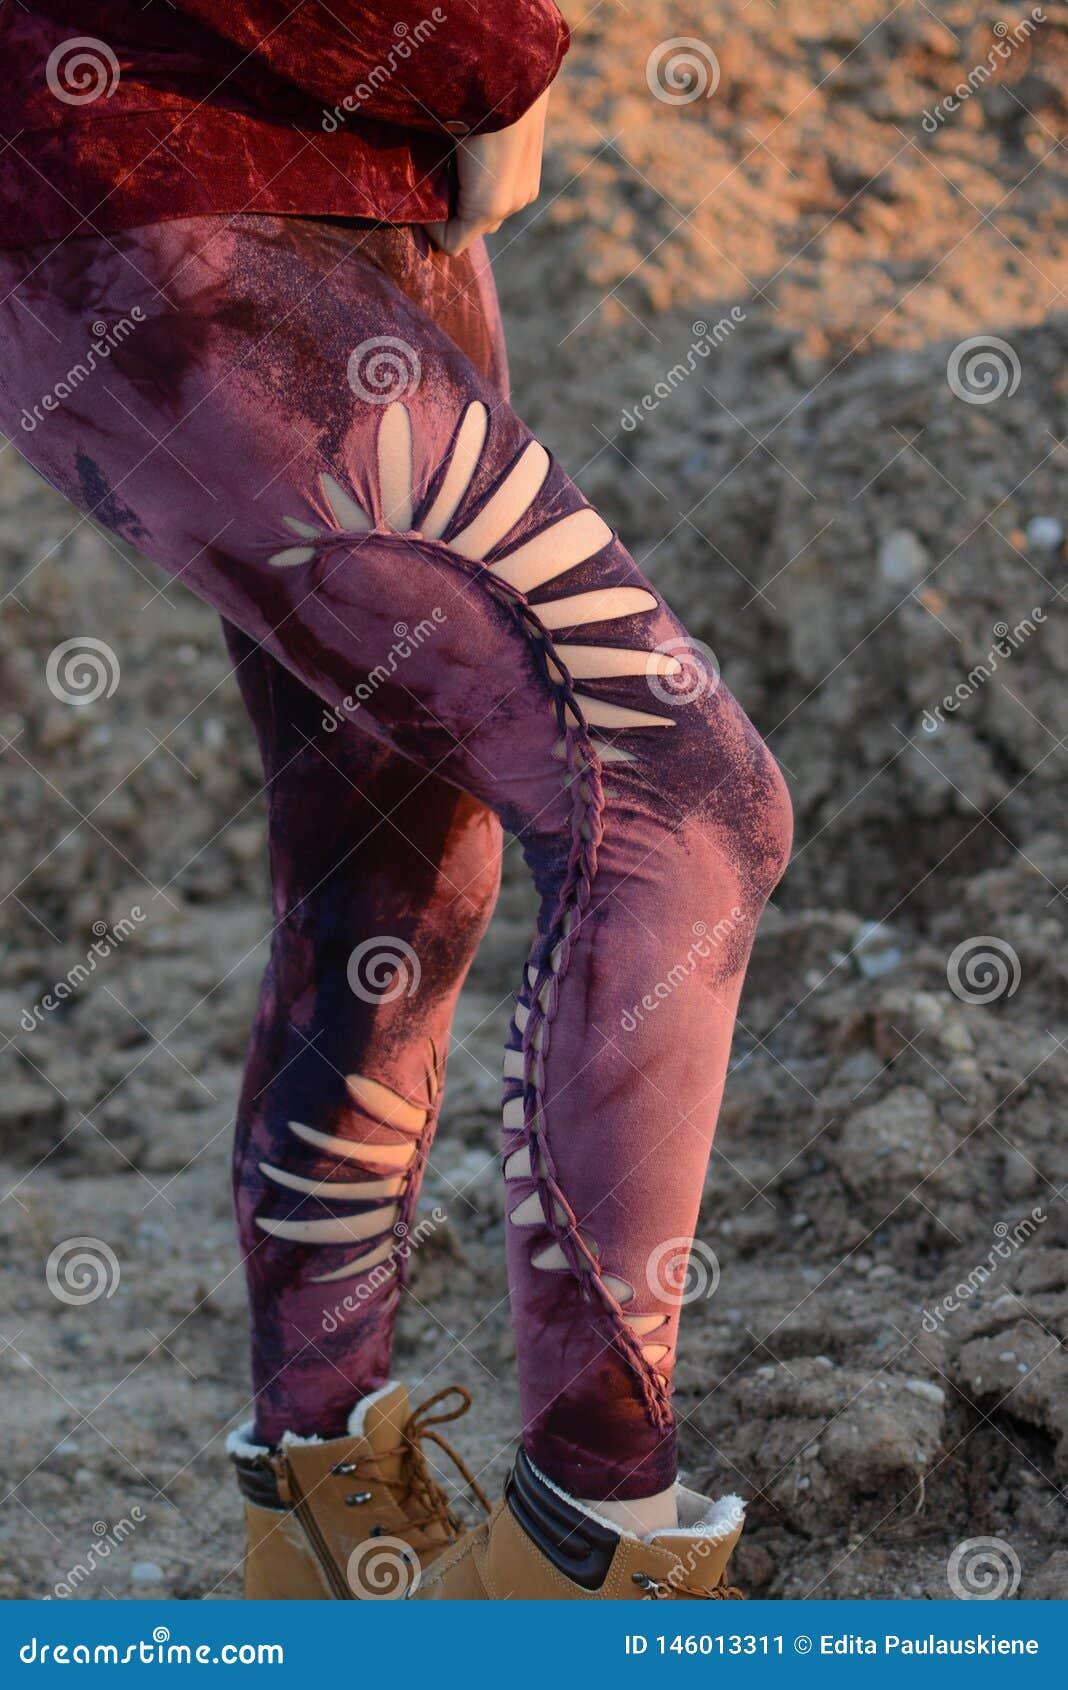 Πόδια στα όμορφα και μοναδικά αποκόπτω? καλσόν, μόδα φεστιβάλ, χρυσή ώρα, θερμό βράδυ